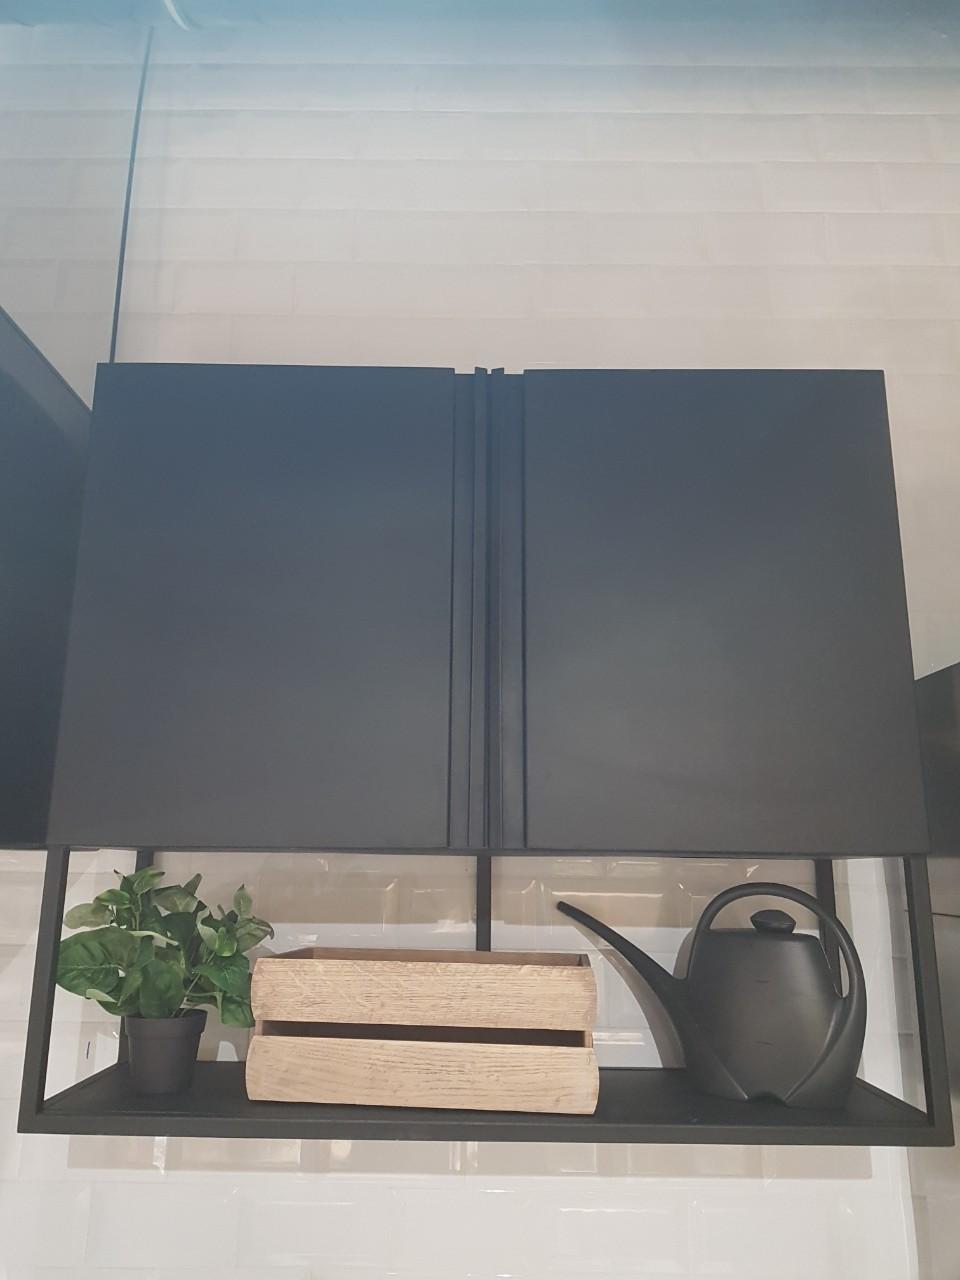 Шкаф навесной закрытый (600 x 300 x 600) - фотография №3